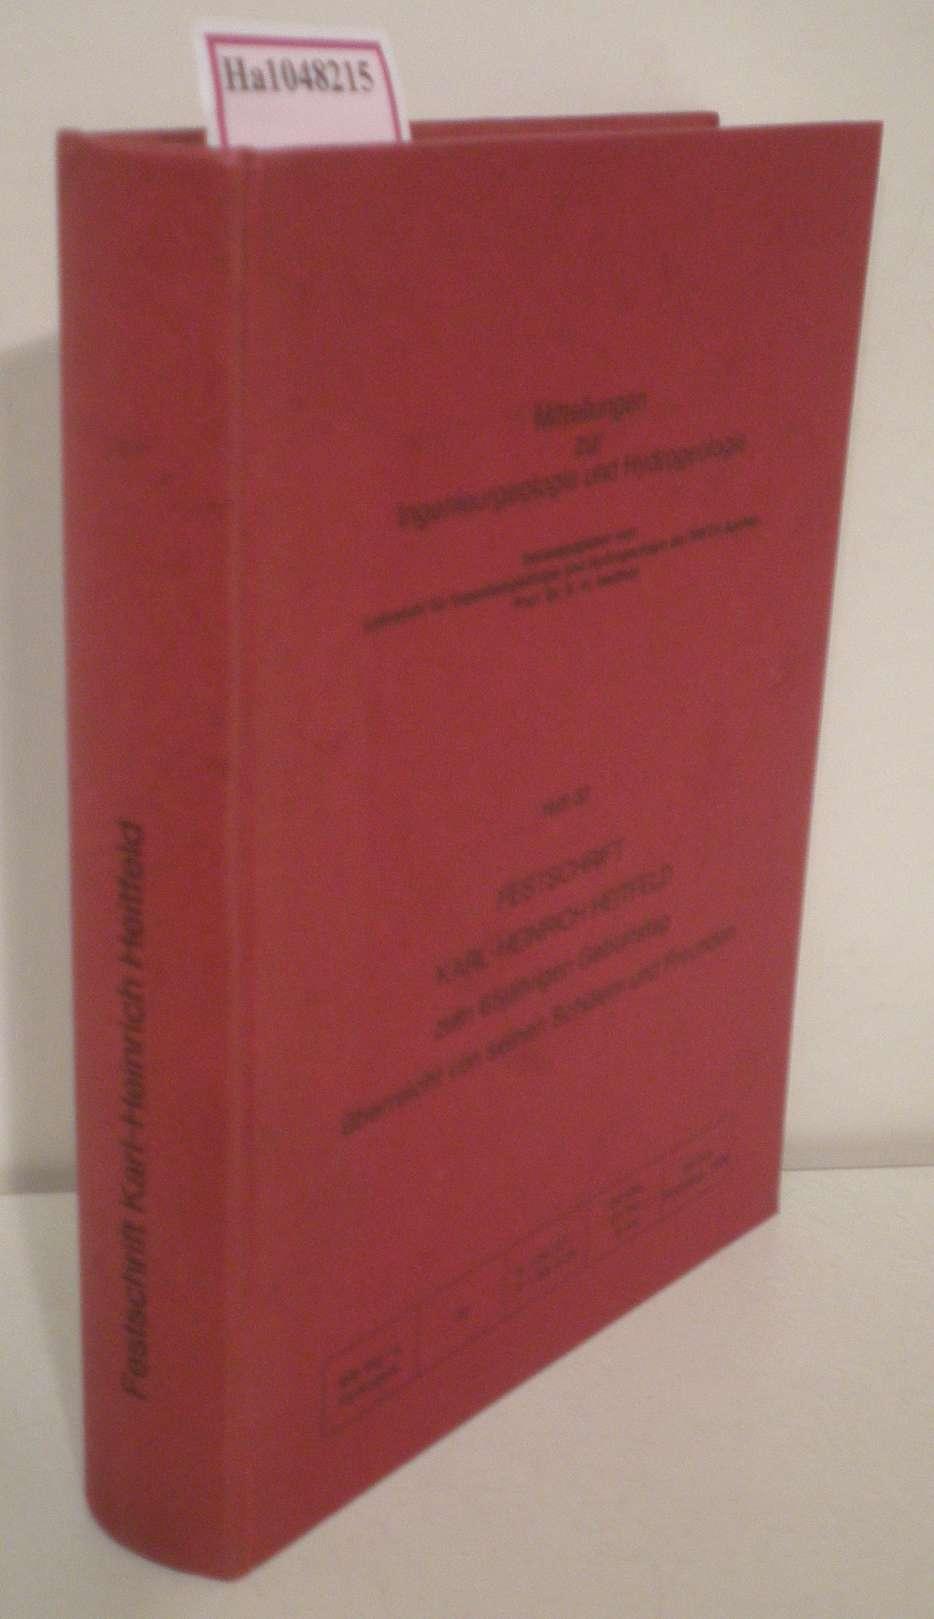 Festschrift Karl-Heinrich Heitfeld zum 65jährigen Geburtstag überreicht von seinen Schülern und Freunden. (= Mitteilungen zur Ingenieurgeologie und Hydrogeologie  Heft 32).